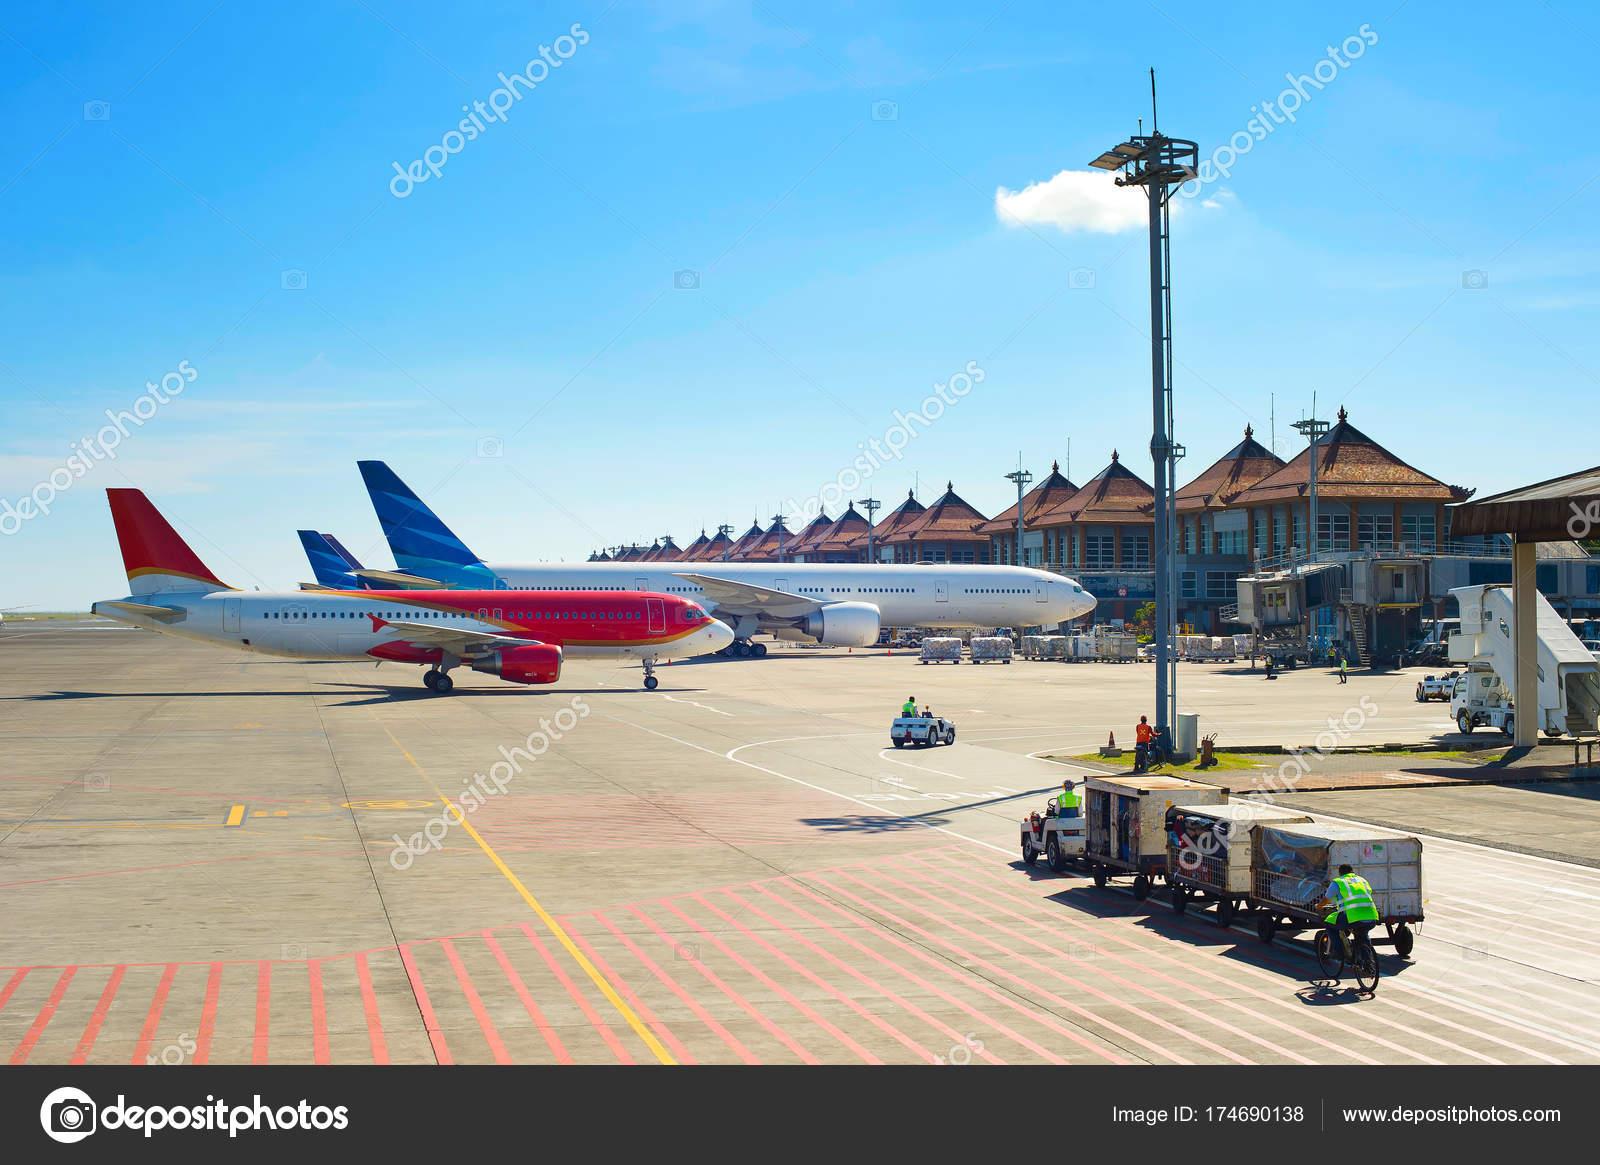 Aeroporto Bali : Aeroporto em dia de sol u fotografias de stock joyfull